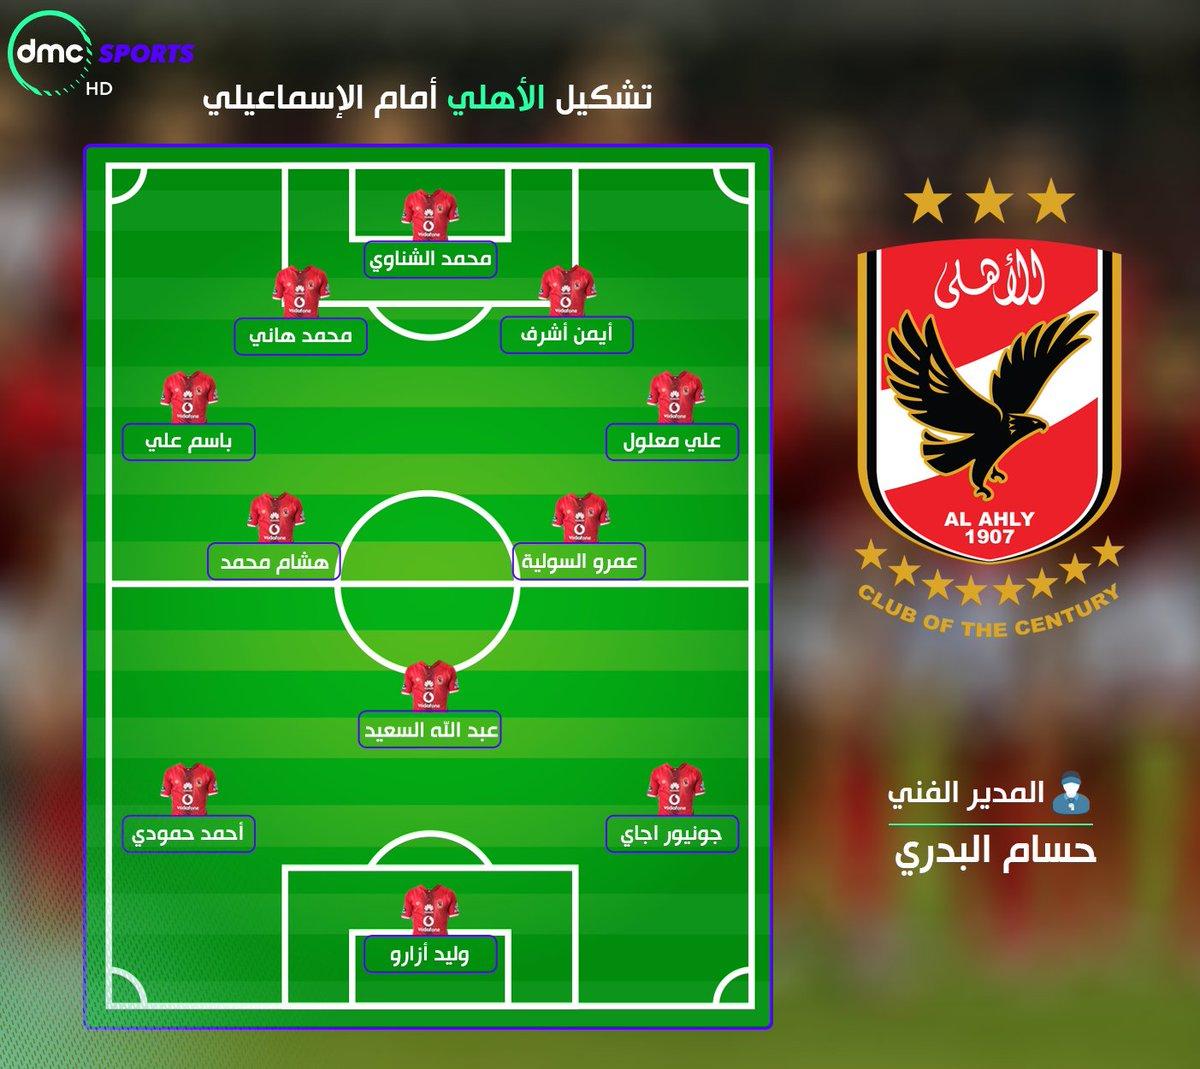 Dmc Sports Twitterissa تشكيل الأهلي الرسمي لمباراة اليوم أمام الإسماعيلي في قمة الدوري المصري رأيك في التشكيل وتوقعاتك للمباراة